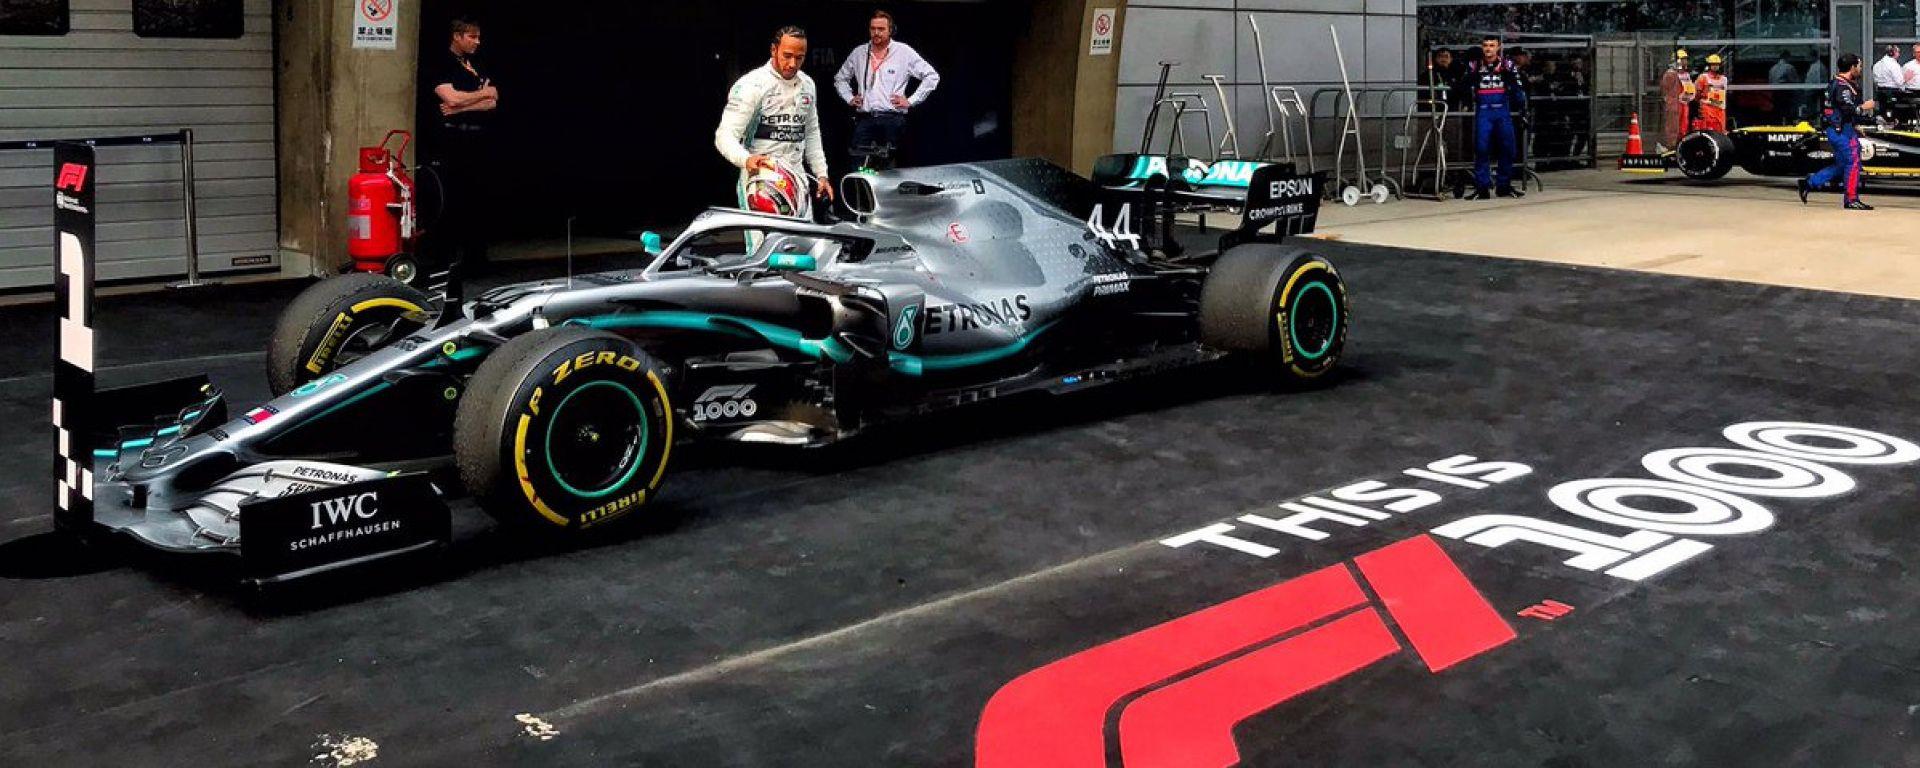 Lewis Hamilton è il vincitore del Gran Premio di Cina 2019